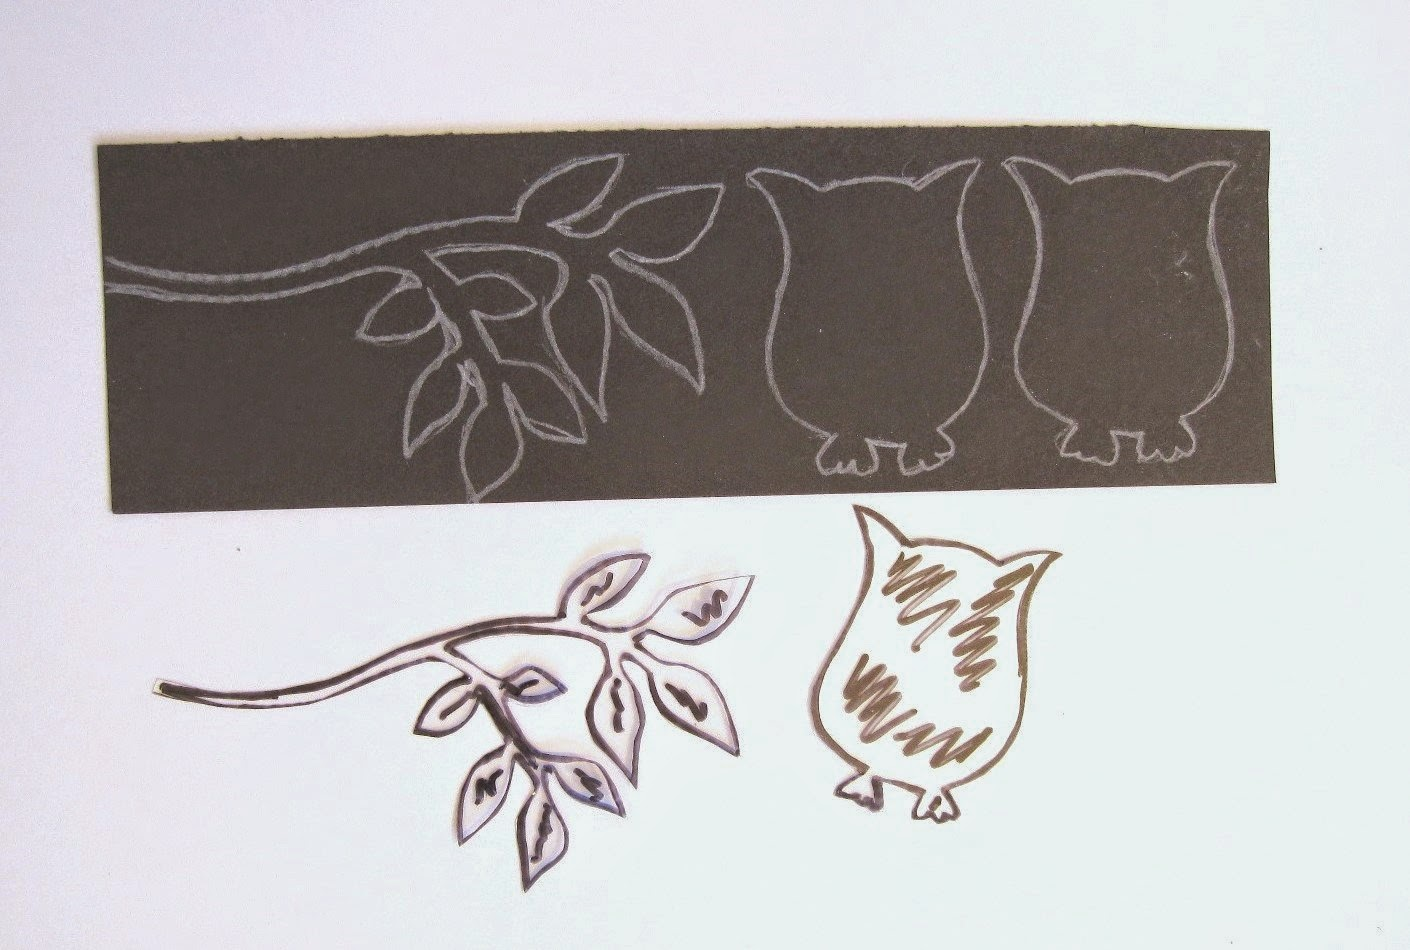 trozo plantilla de acetato transparente y cartulina negra con dibujo de búhos y rama